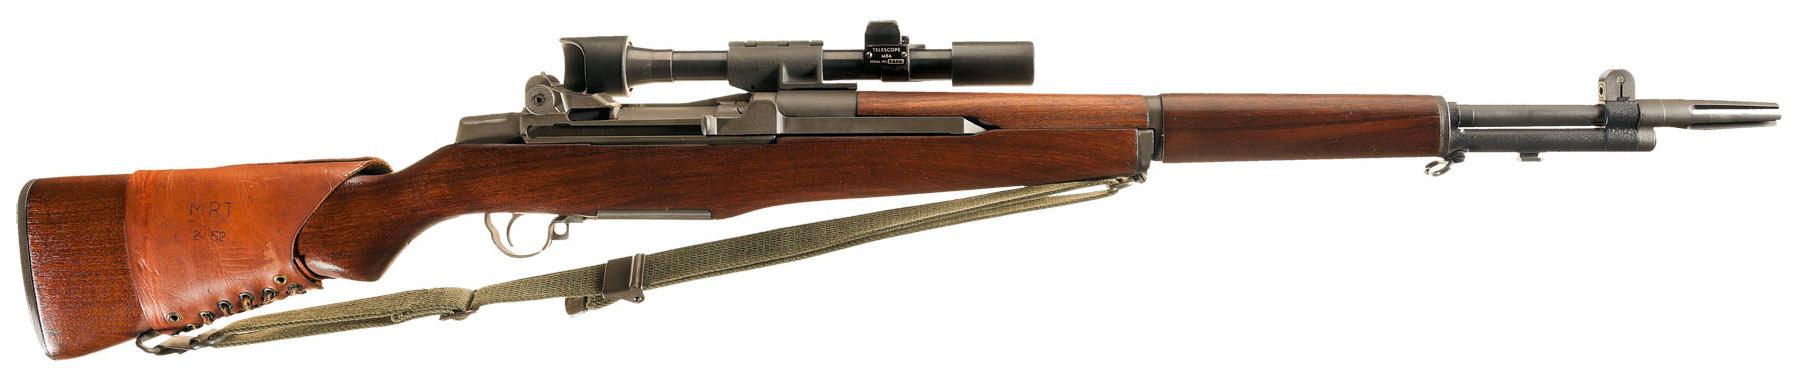 Прототип винтовки Т20